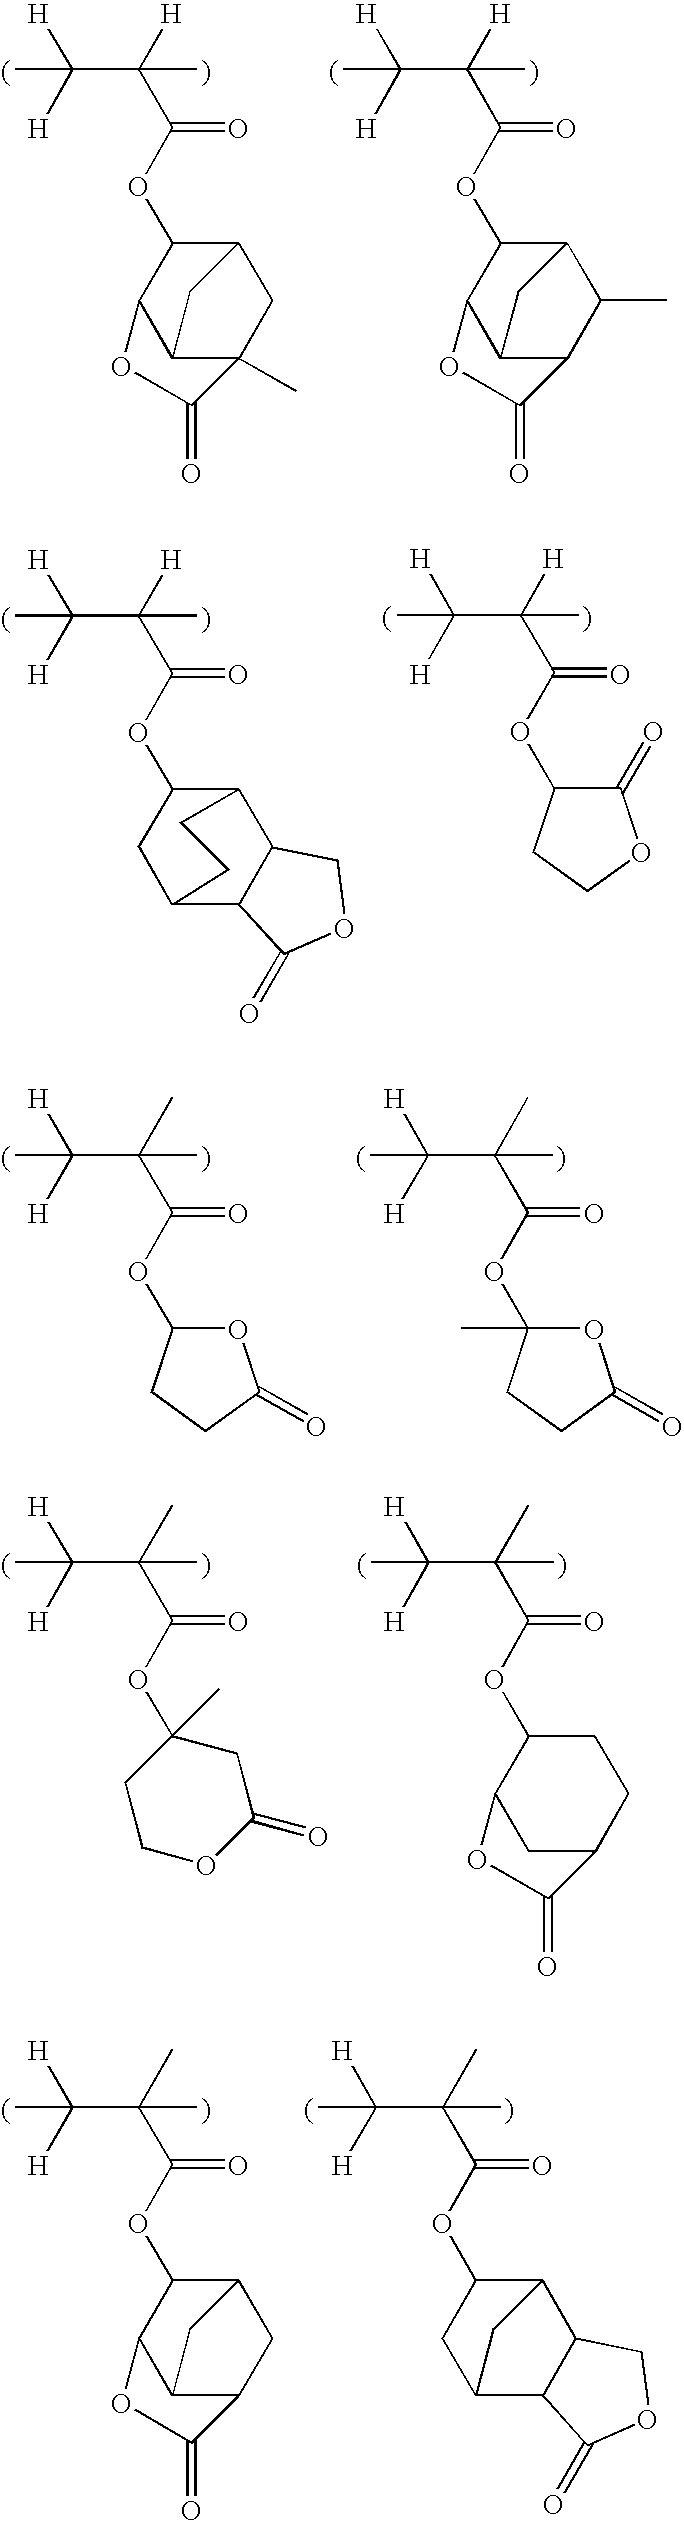 Figure US20080026331A1-20080131-C00054